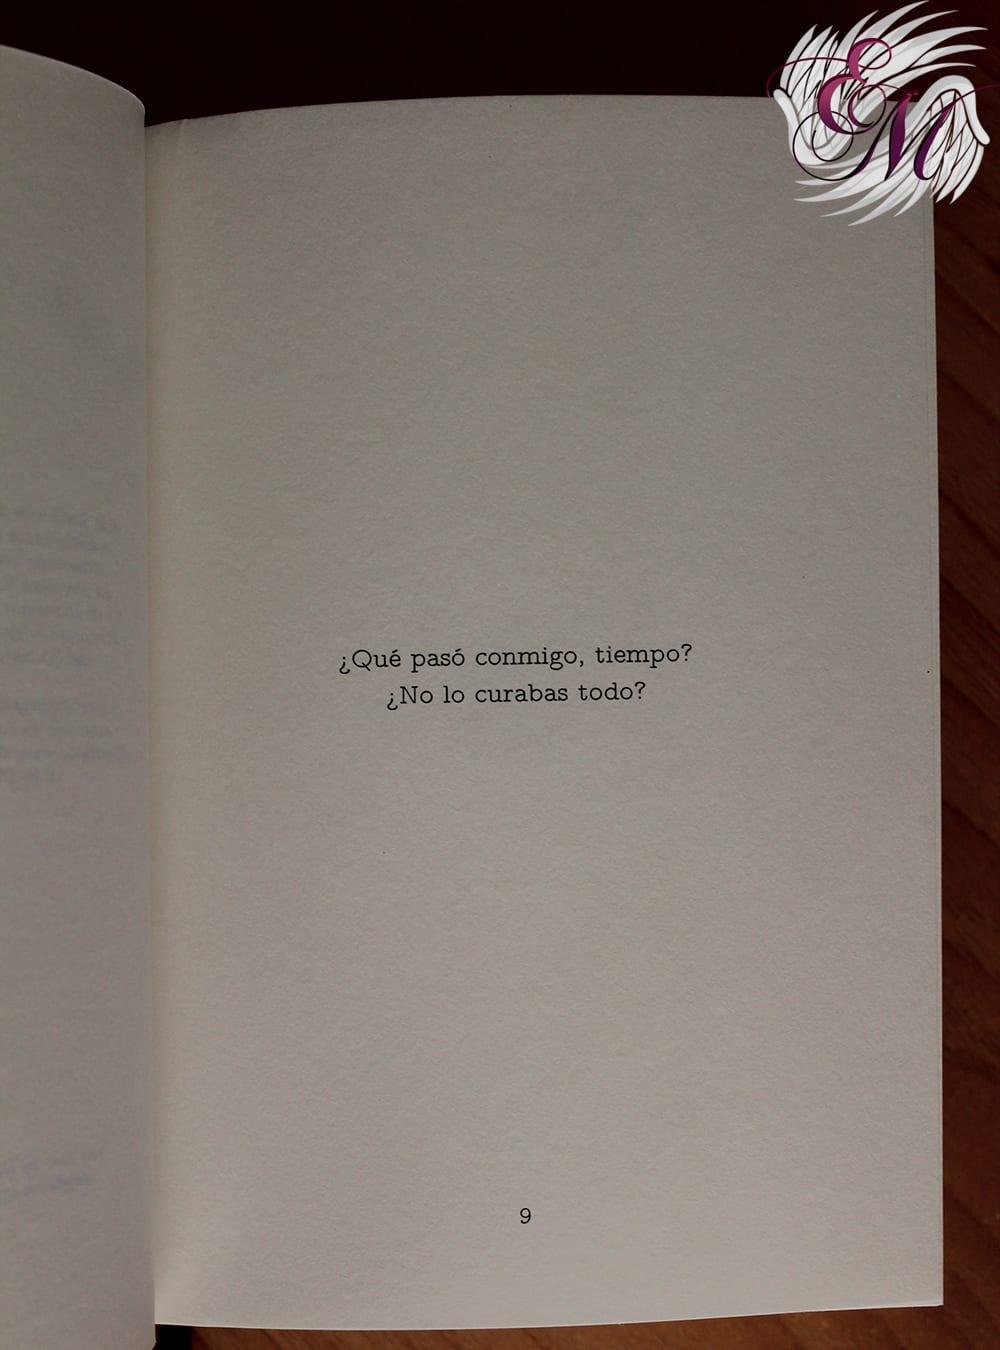 El Tiempo Todo Locura De Mónica Carrillo Reseña